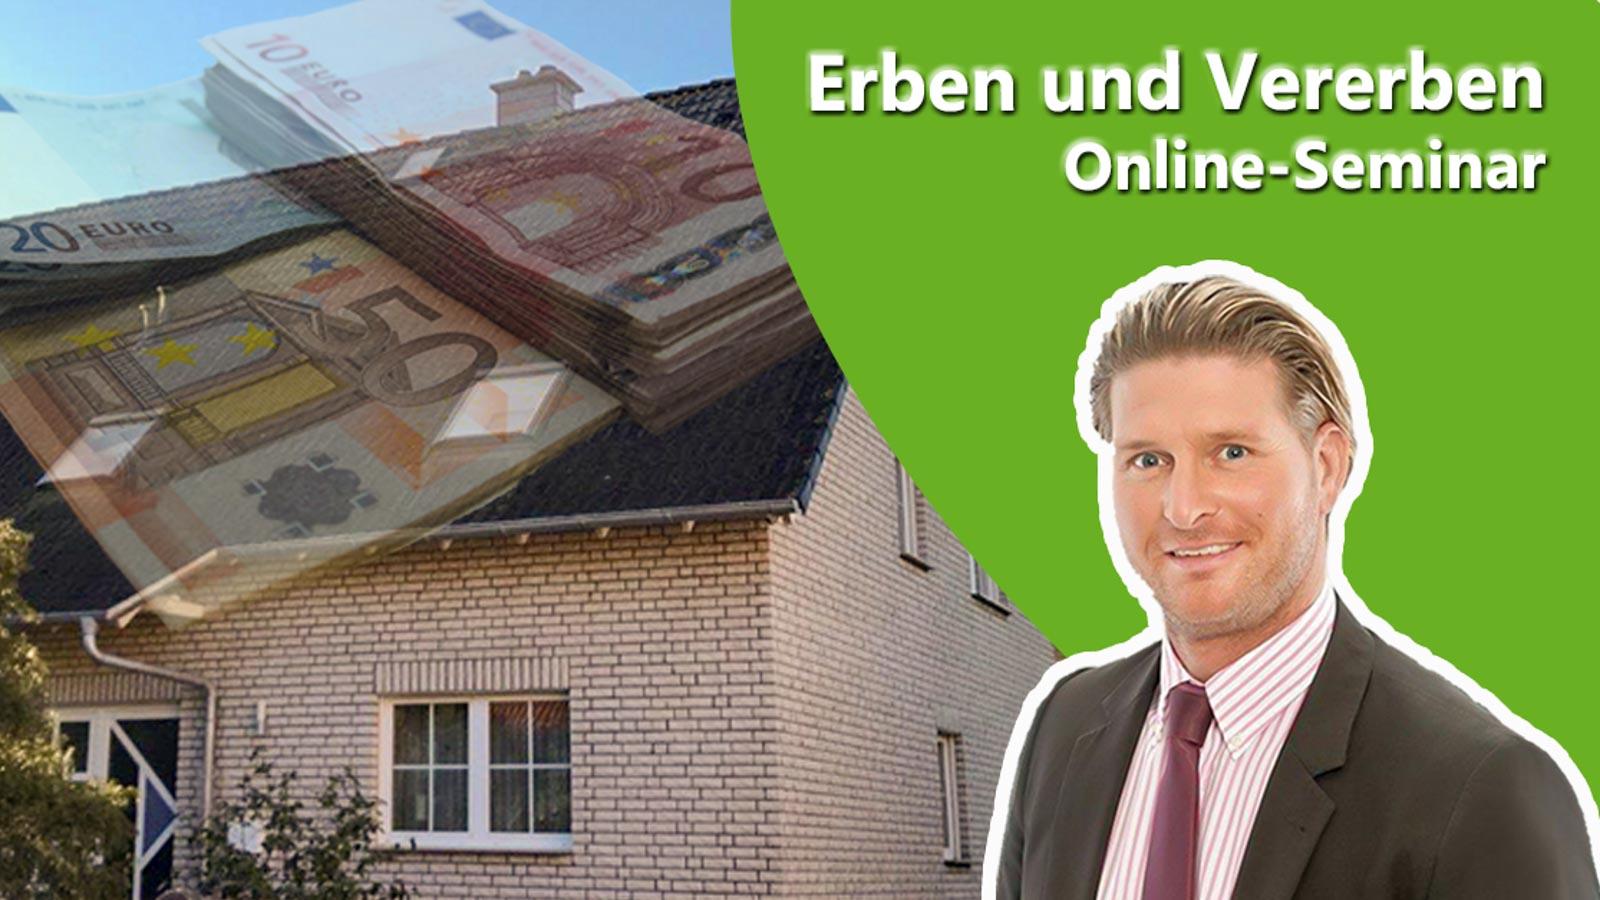 Akündigung eines Online-Seminars zum Thema Erben und Vereben mit Referent und Fotomontage